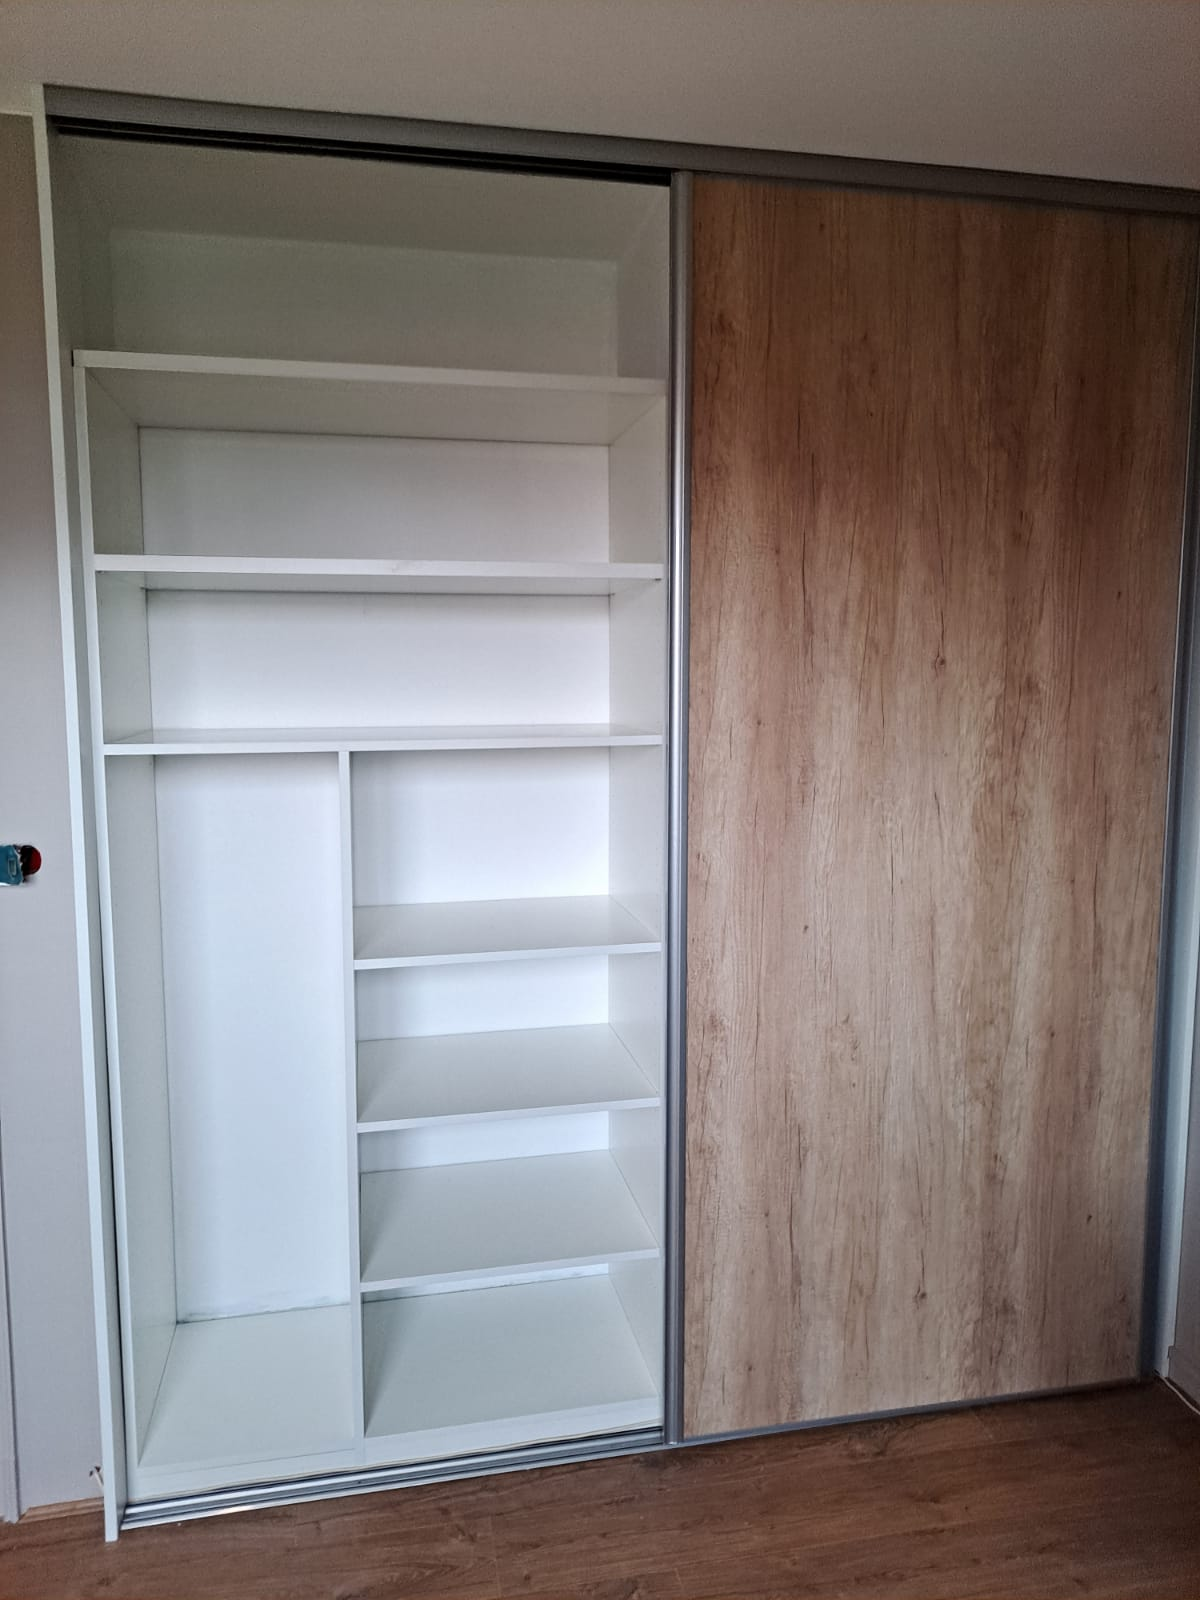 Sur cette photo, on peut voir le placard sur mesure avec une porte ouverte.